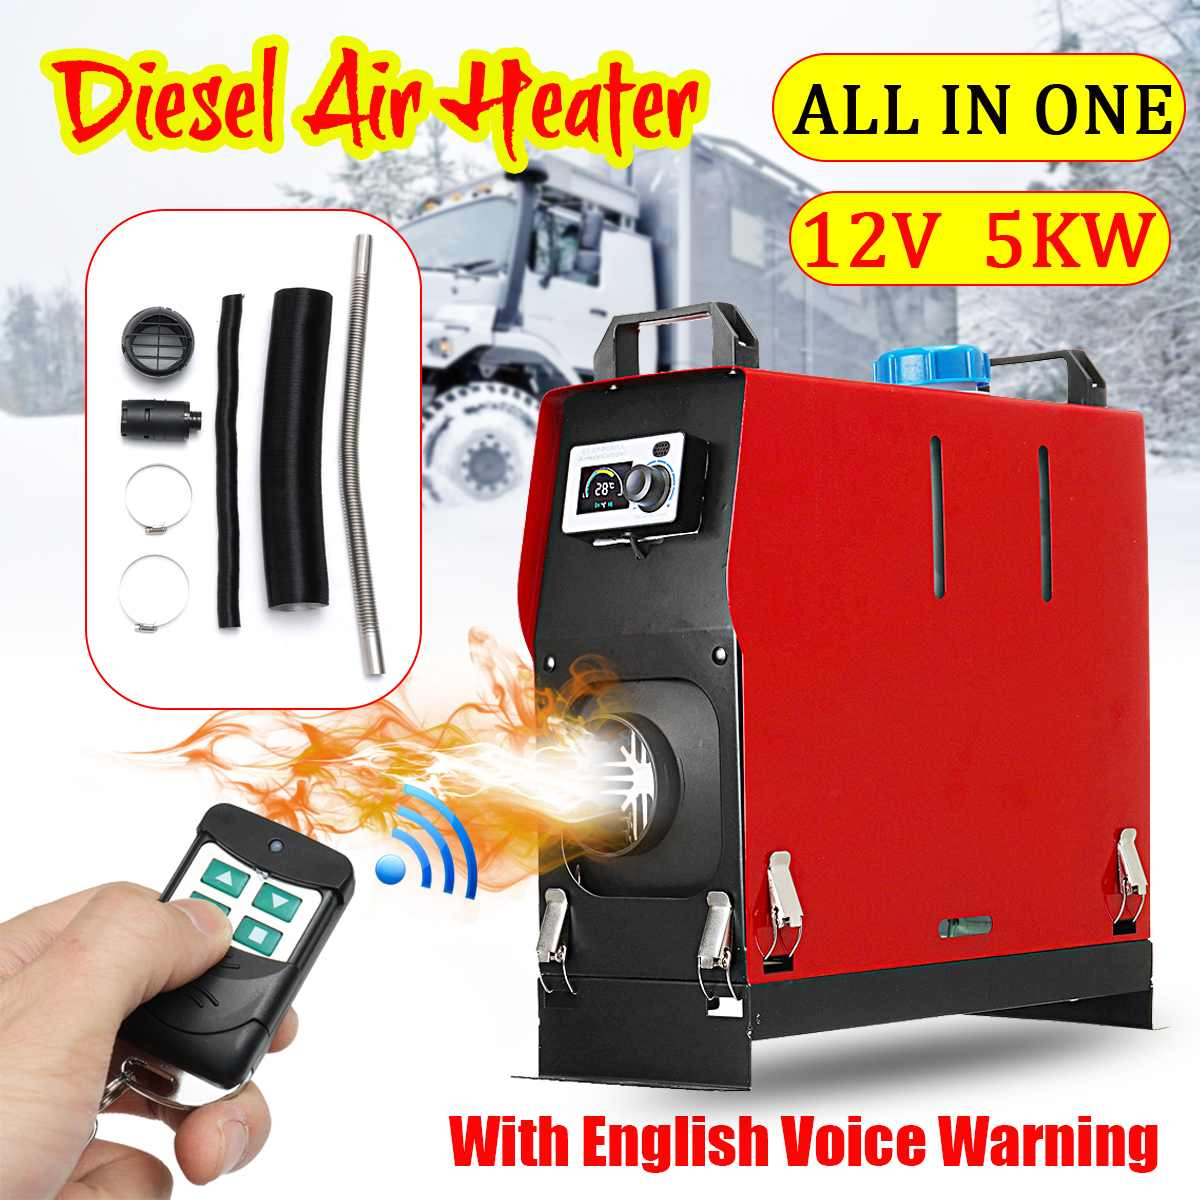 5KW 12 v L'intégration Trous Simples Air Diesels Réchauffeur D'air de Stationnement LCD Écran Interrupteur Chauffage De la Voiture Avec Télécommande Économie espace